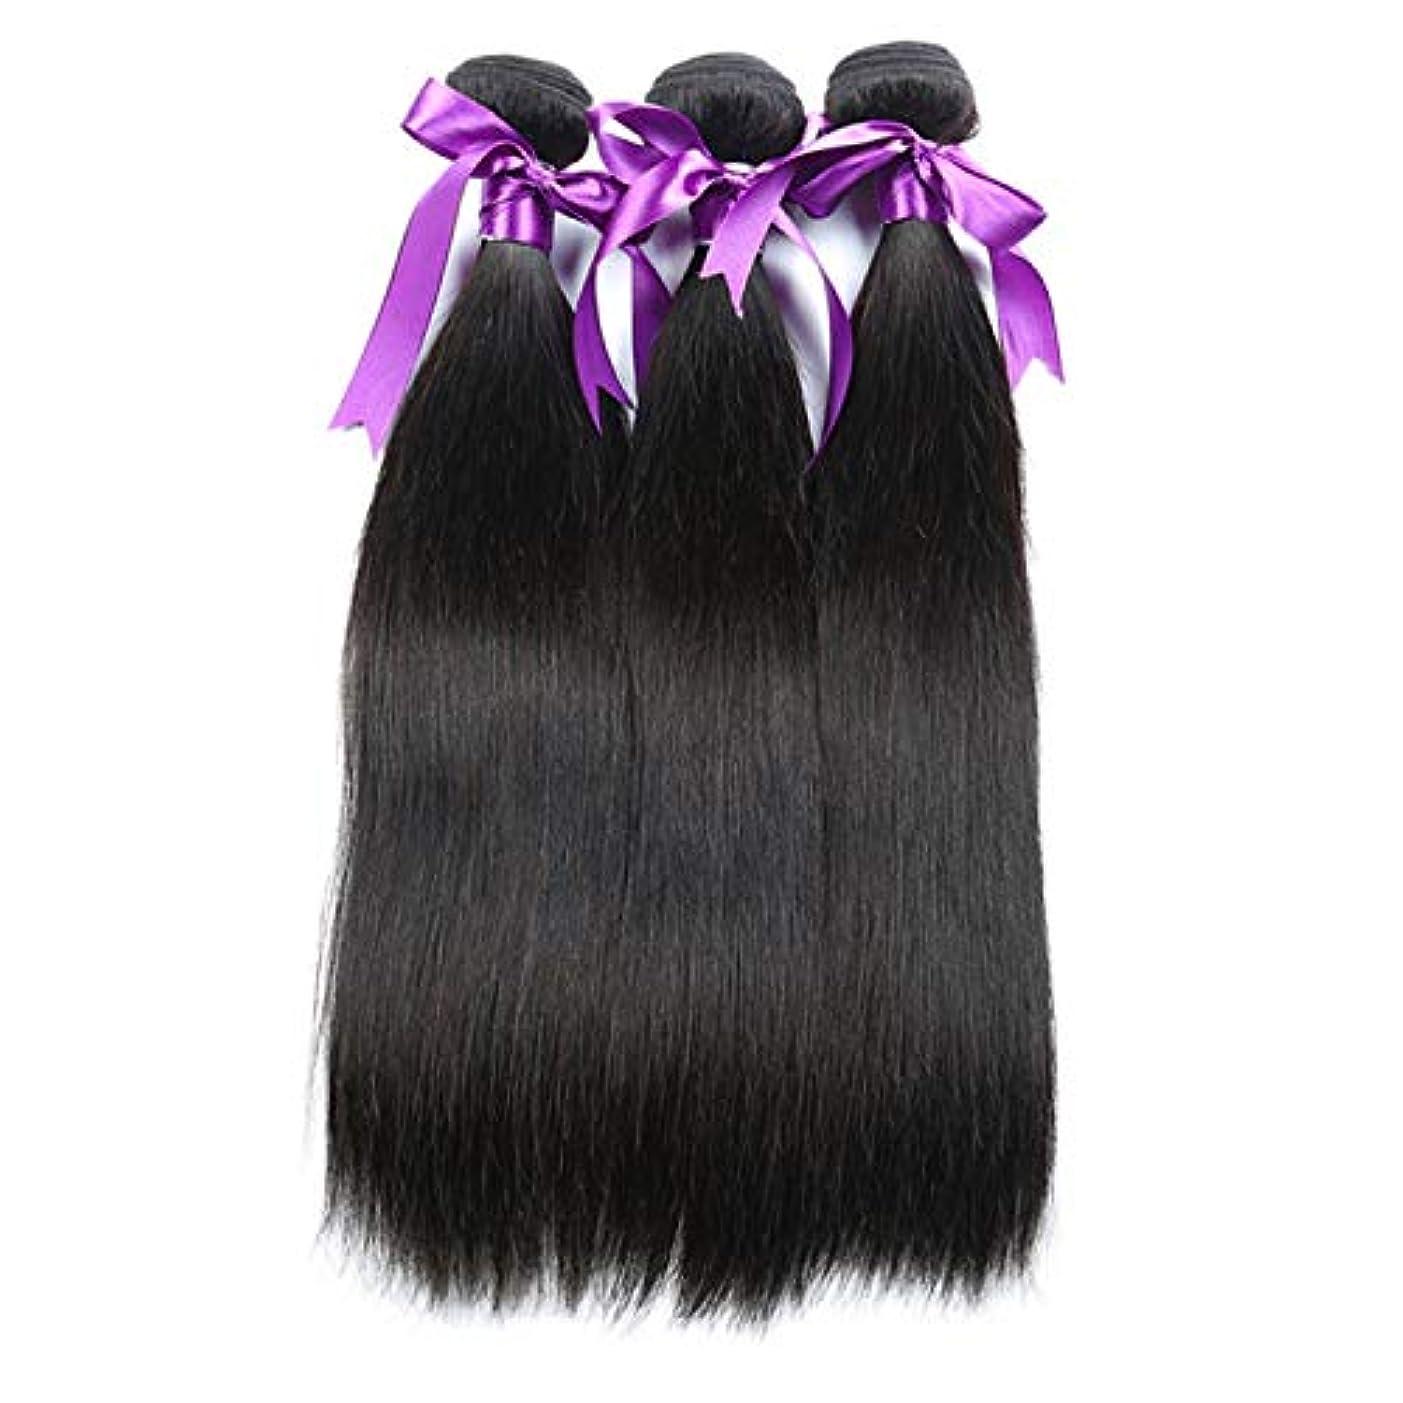 機関一貫性のない避難するかつら ブラジルストレートヘアバンドル8-28インチ100%人毛織りレミー髪ナチュラルカラー3ピースボディヘアバンドル (Stretched Length : 16 18 20)